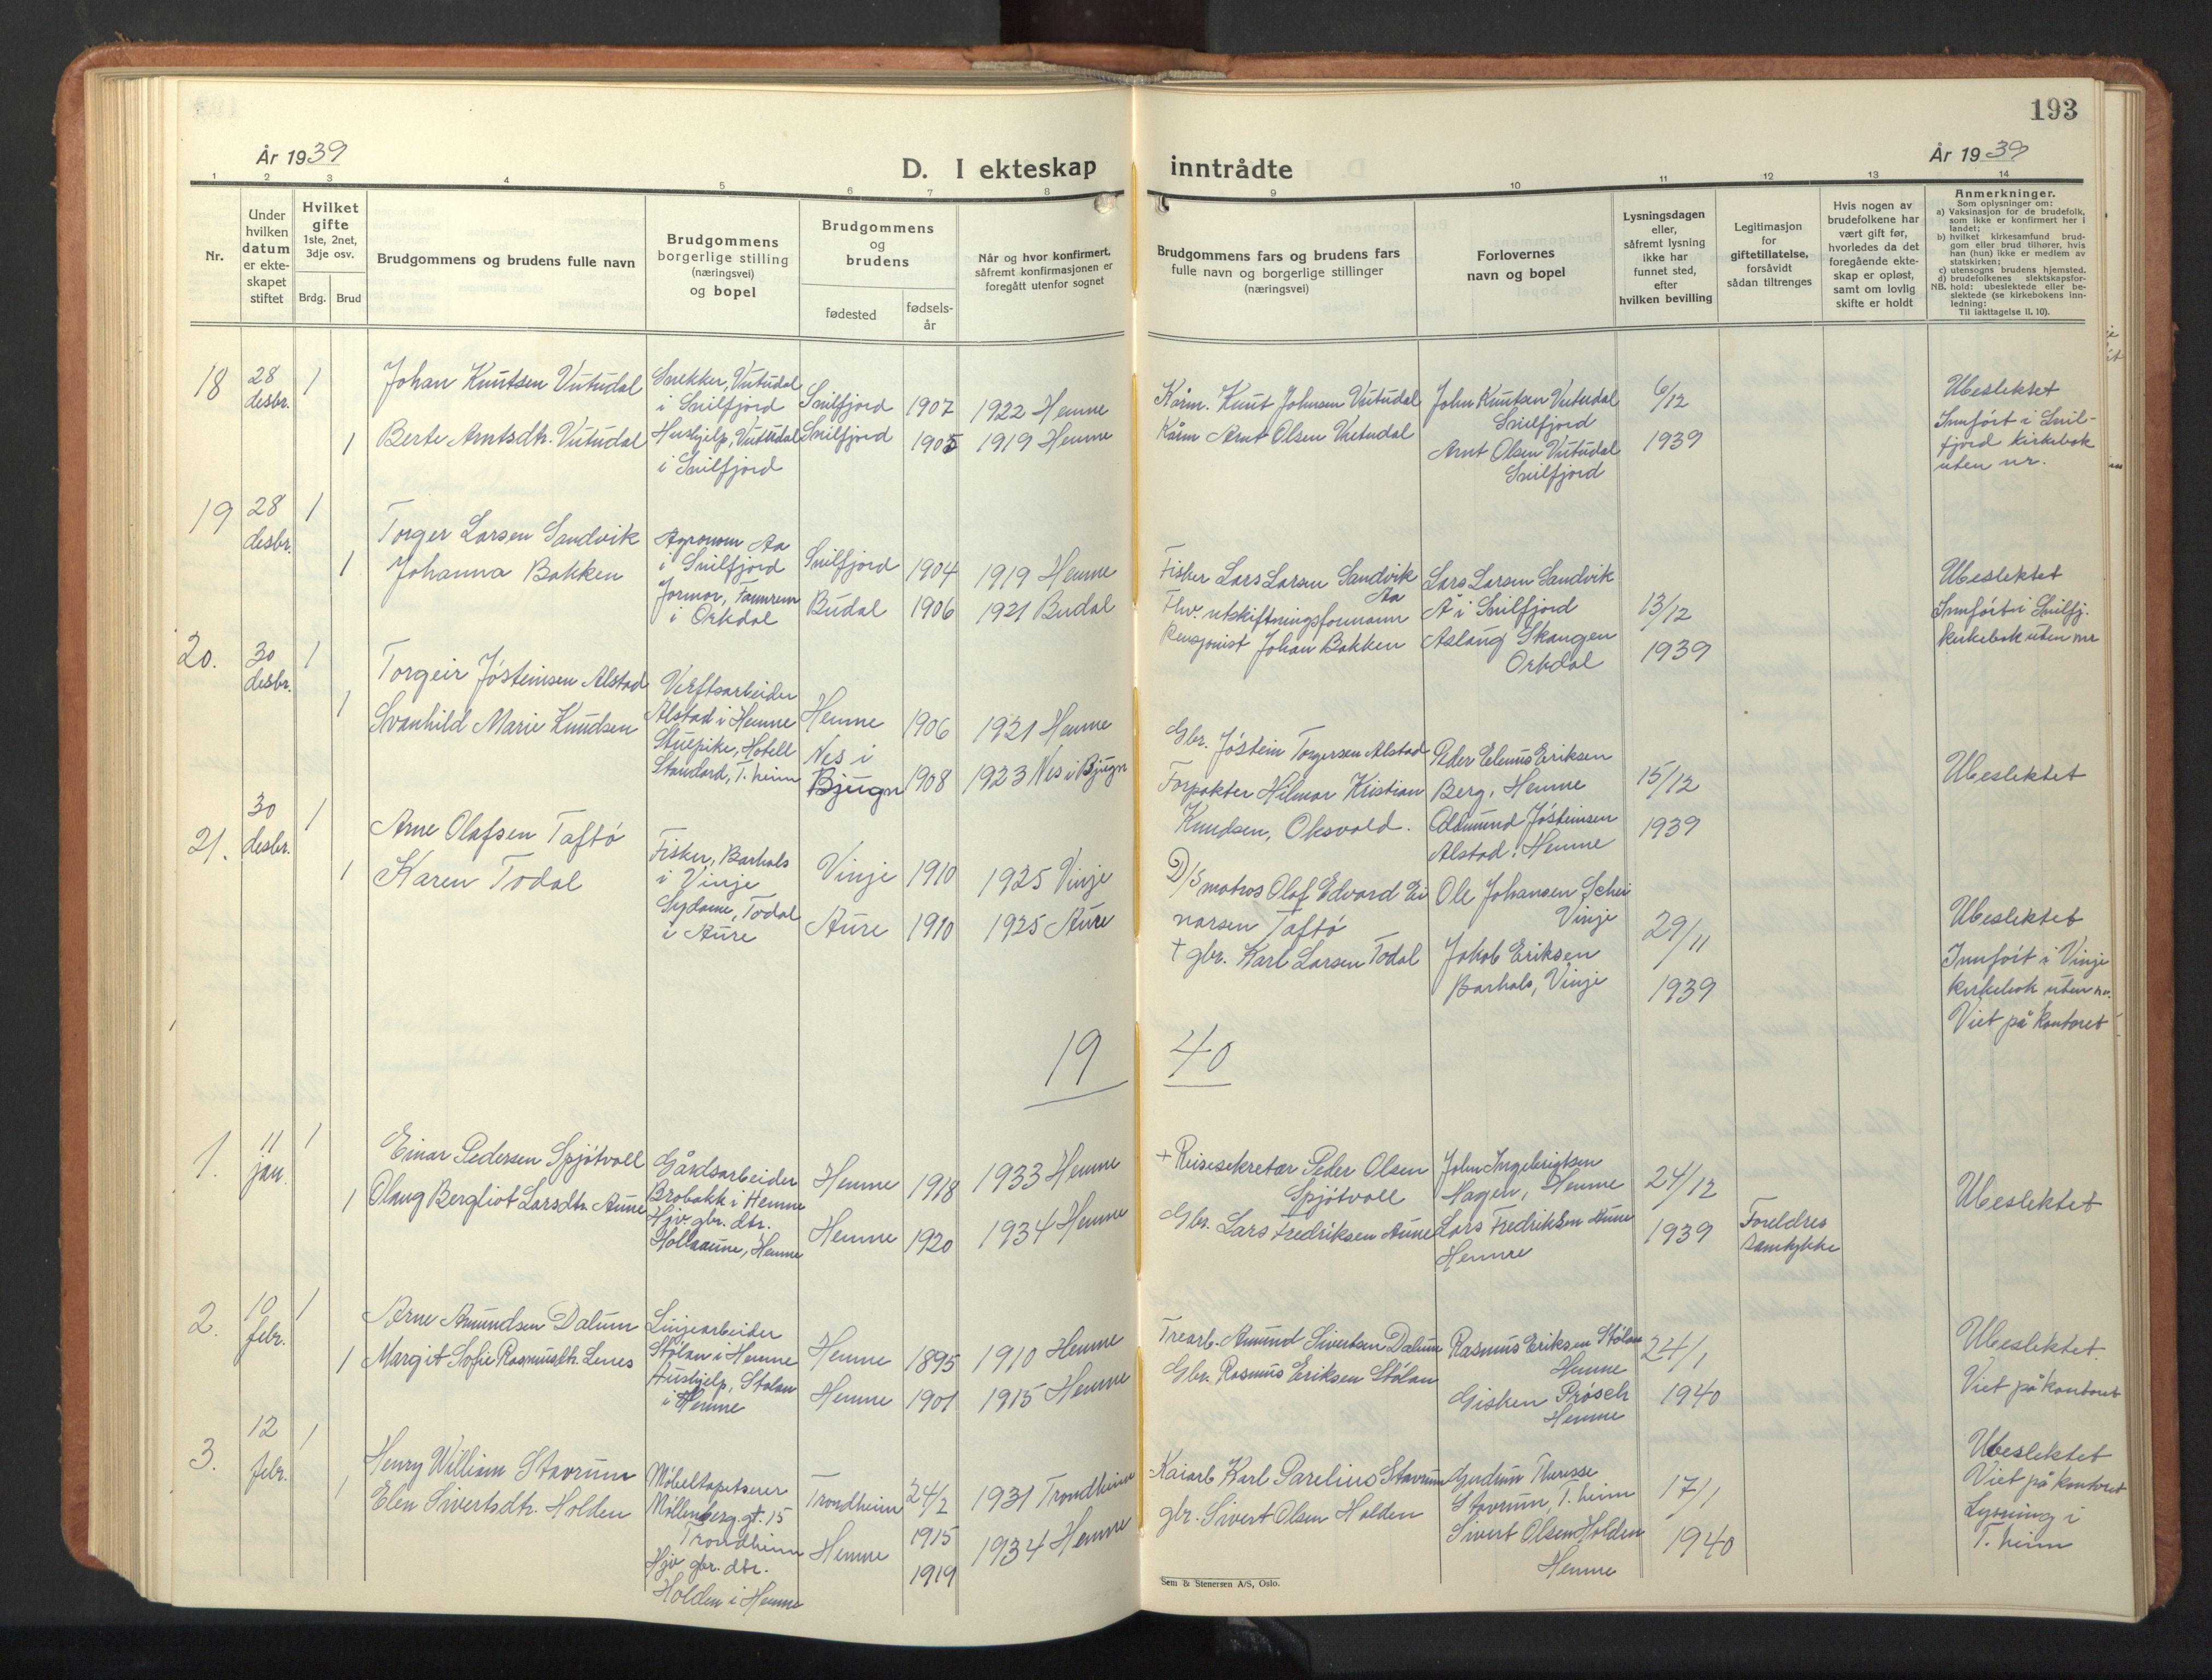 SAT, Ministerialprotokoller, klokkerbøker og fødselsregistre - Sør-Trøndelag, 630/L0508: Klokkerbok nr. 630C06, 1933-1950, s. 193